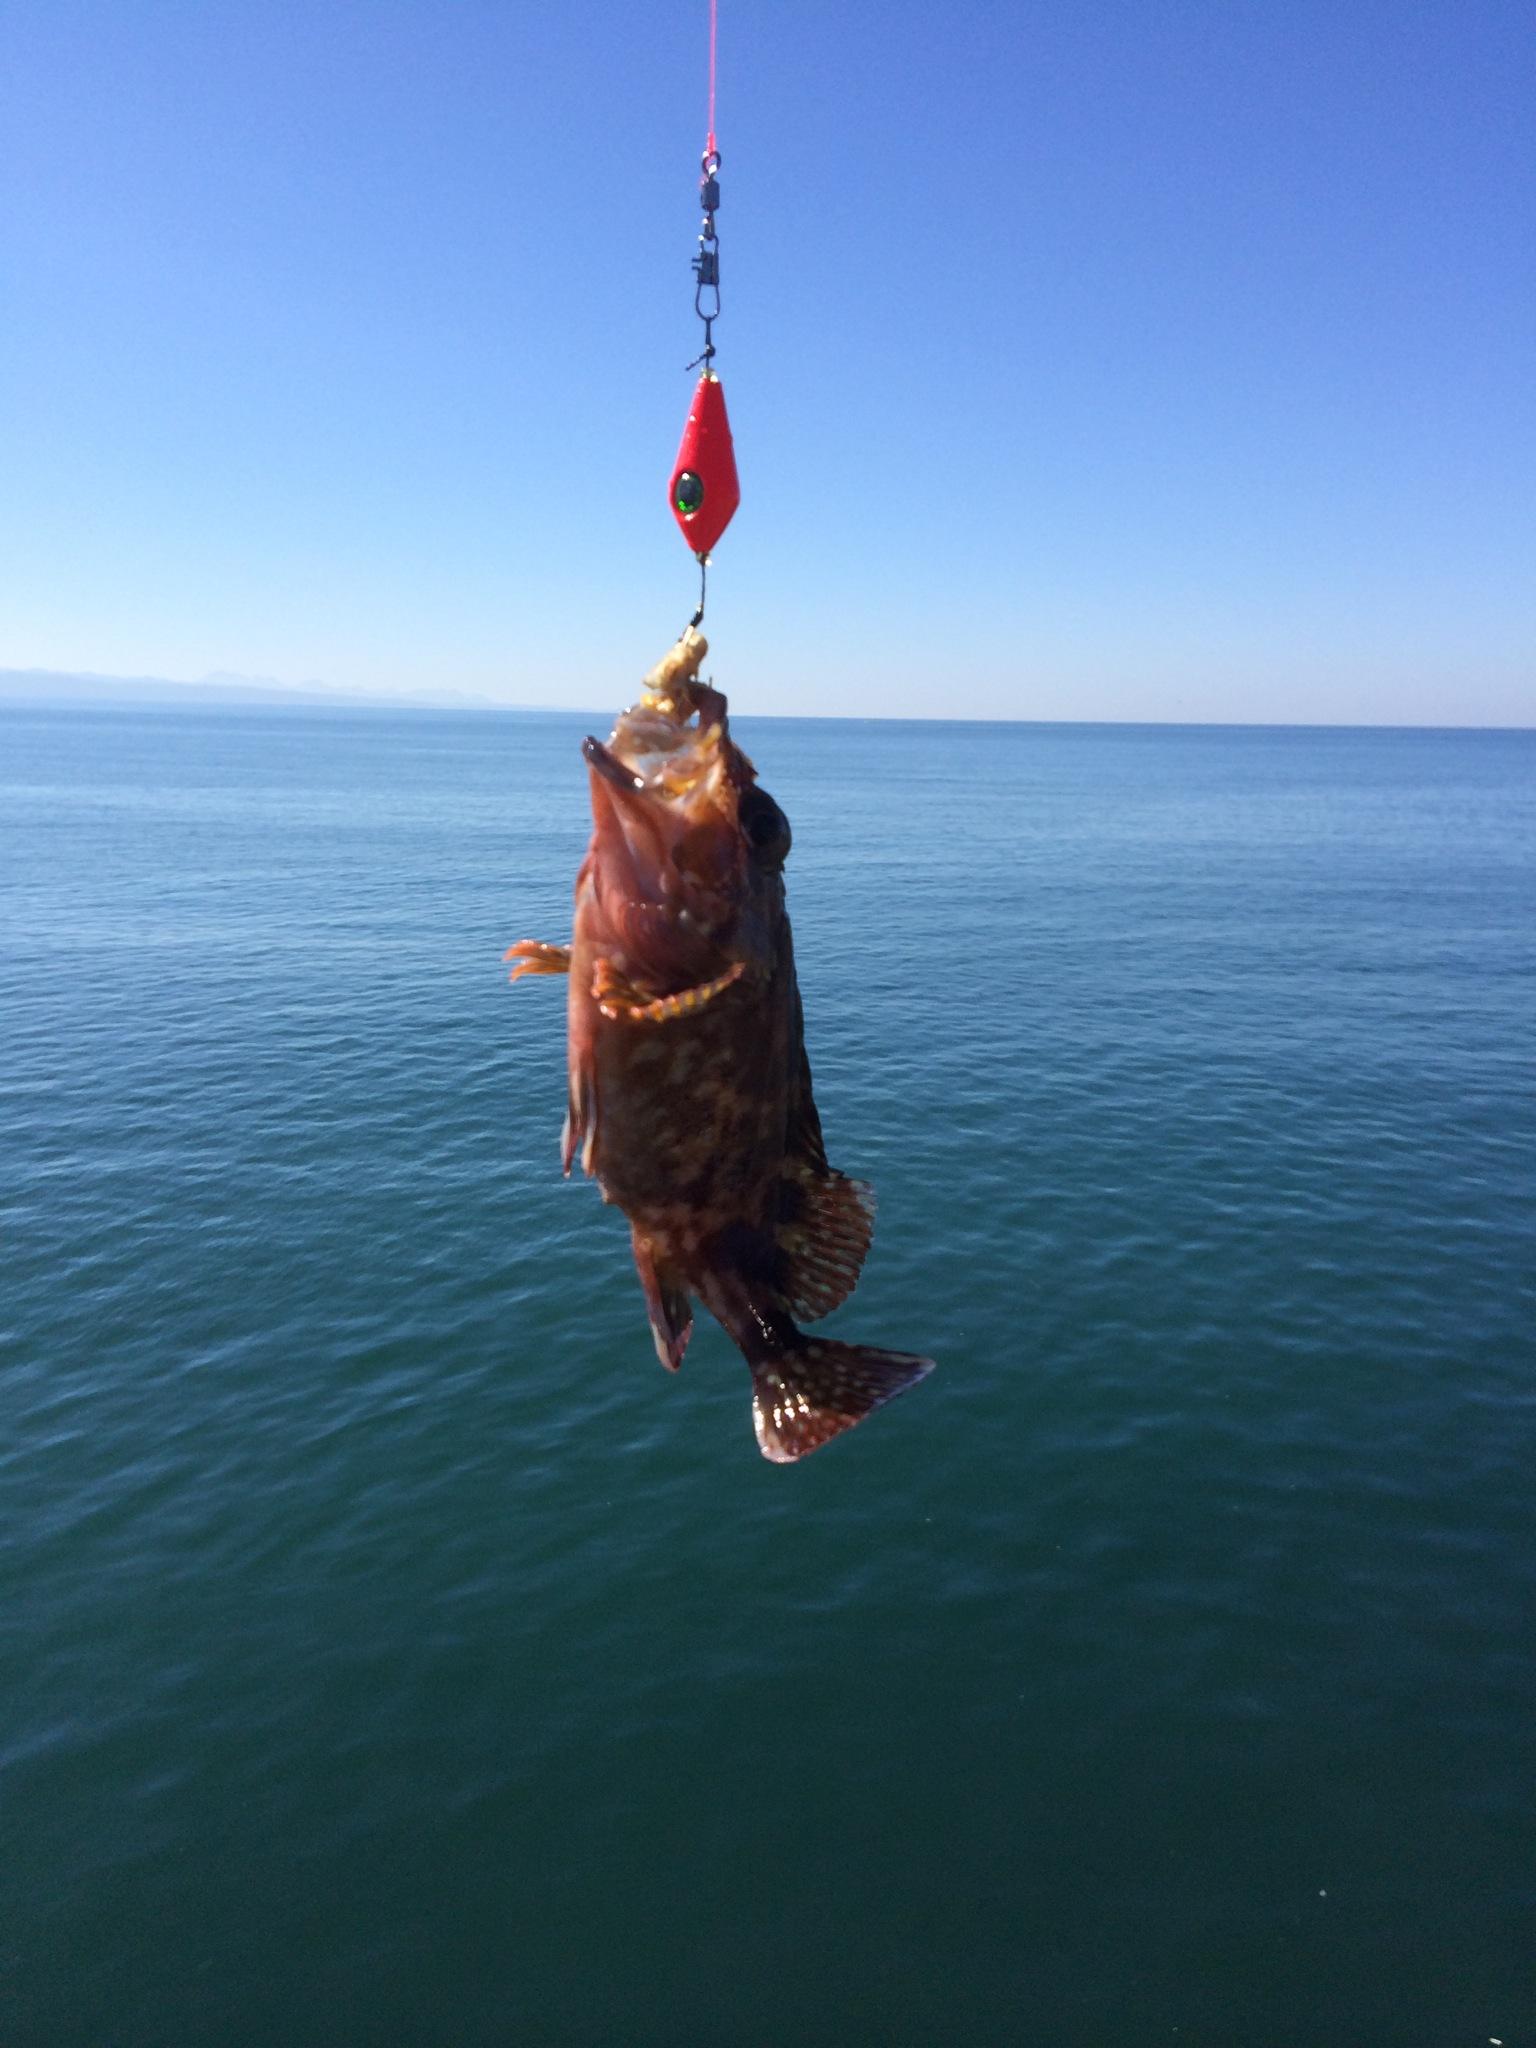 島根県出雲市 大社漁港でカサゴ2匹 隙間時間フィッシング